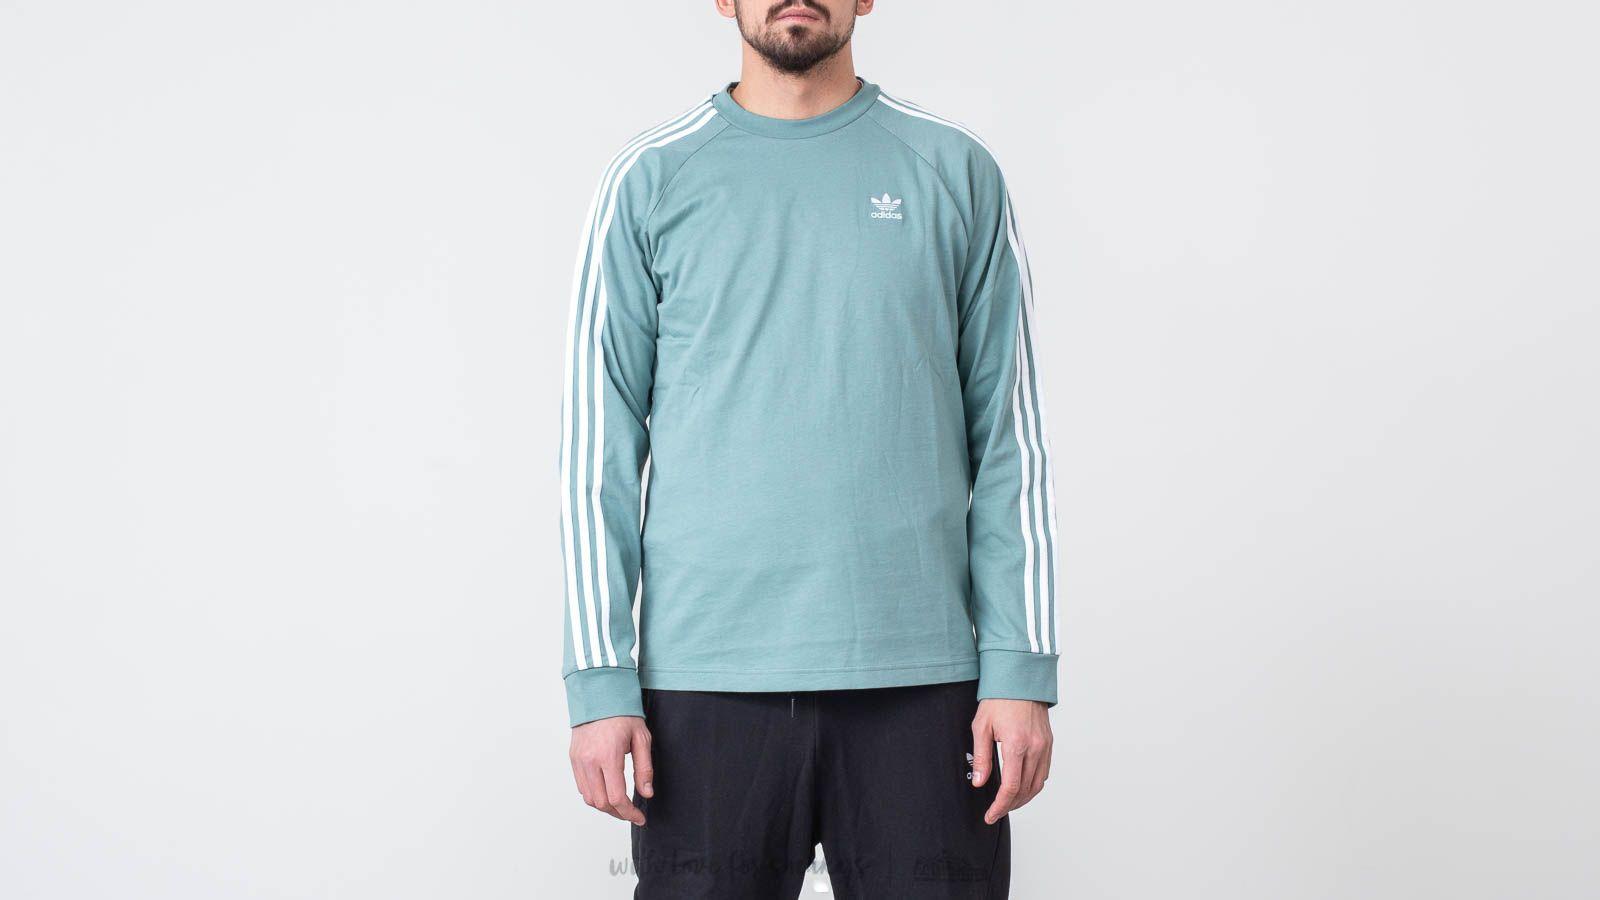 adidas 3-Stripes Longsleeves Tee